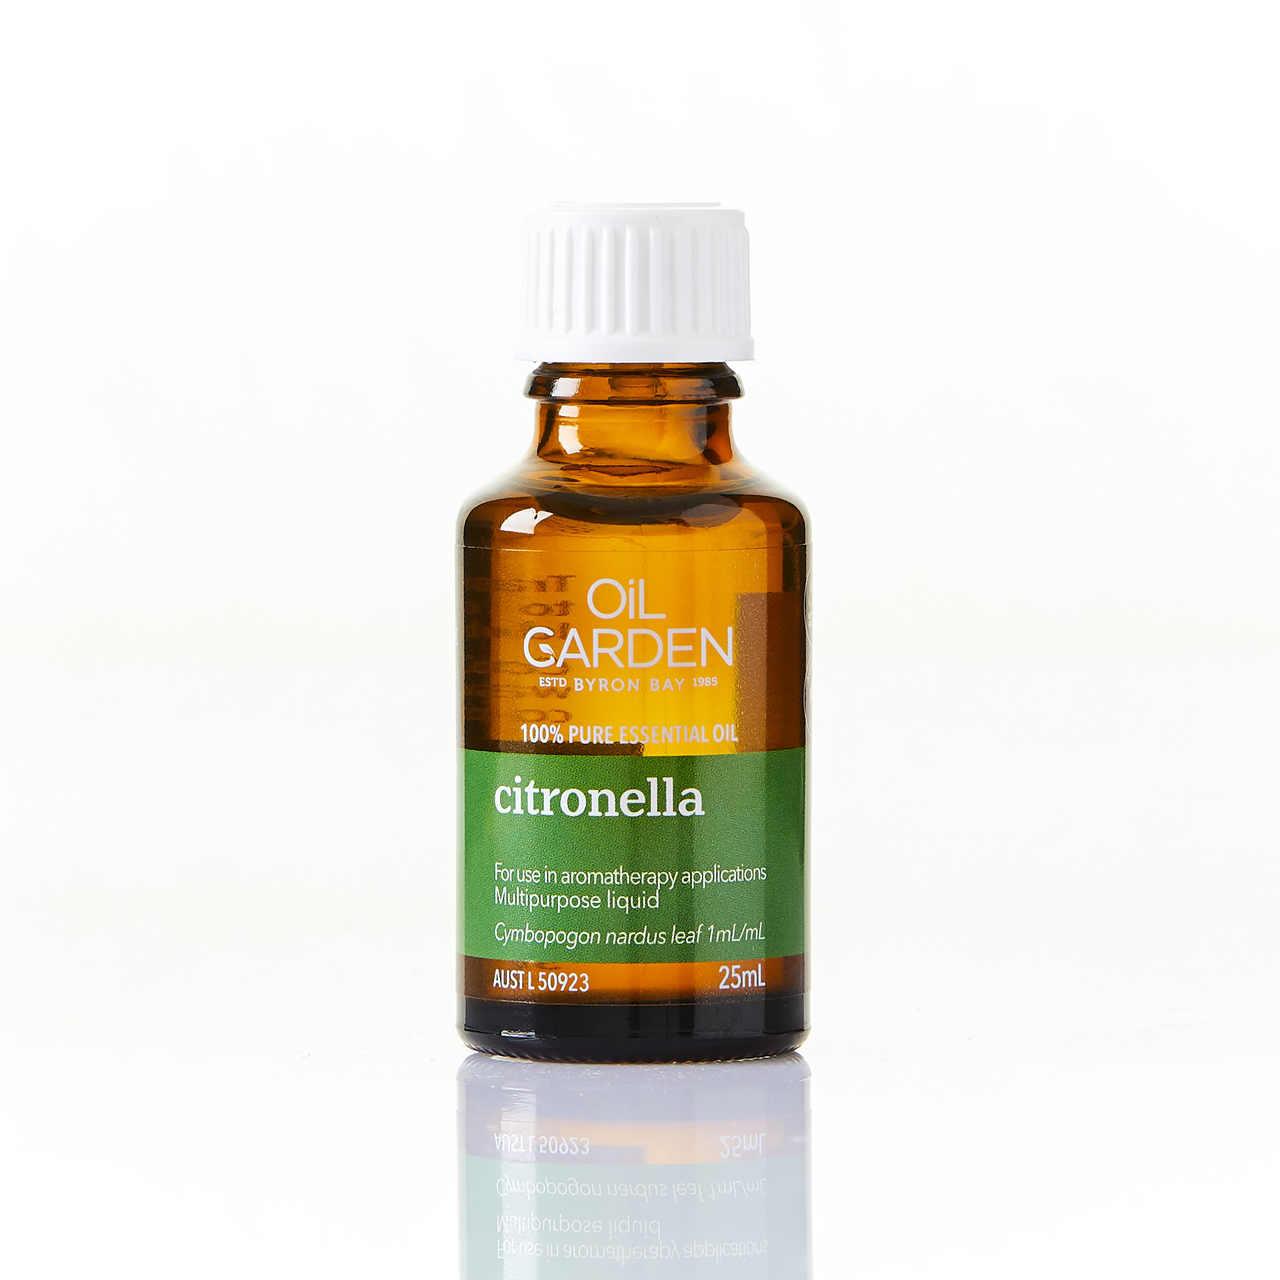 Oil Garden Citronella Pure Essential Oil 25mL 6620071